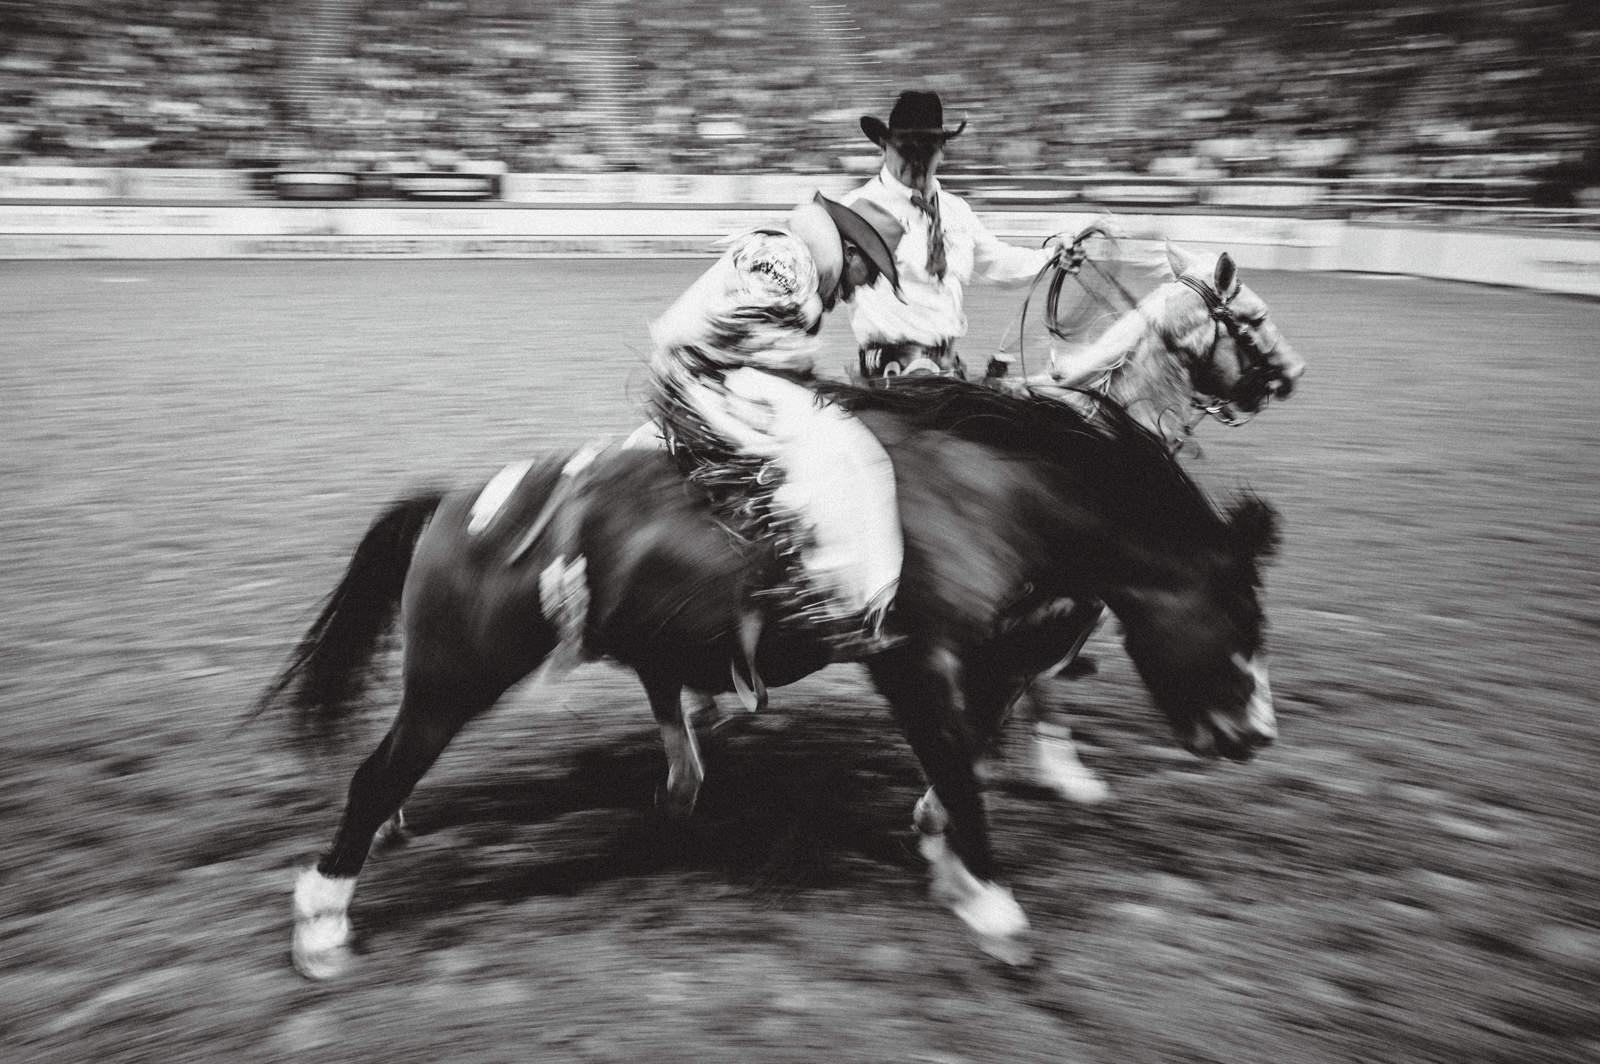 20161201_WNFR_Rodeo-0577.jpg